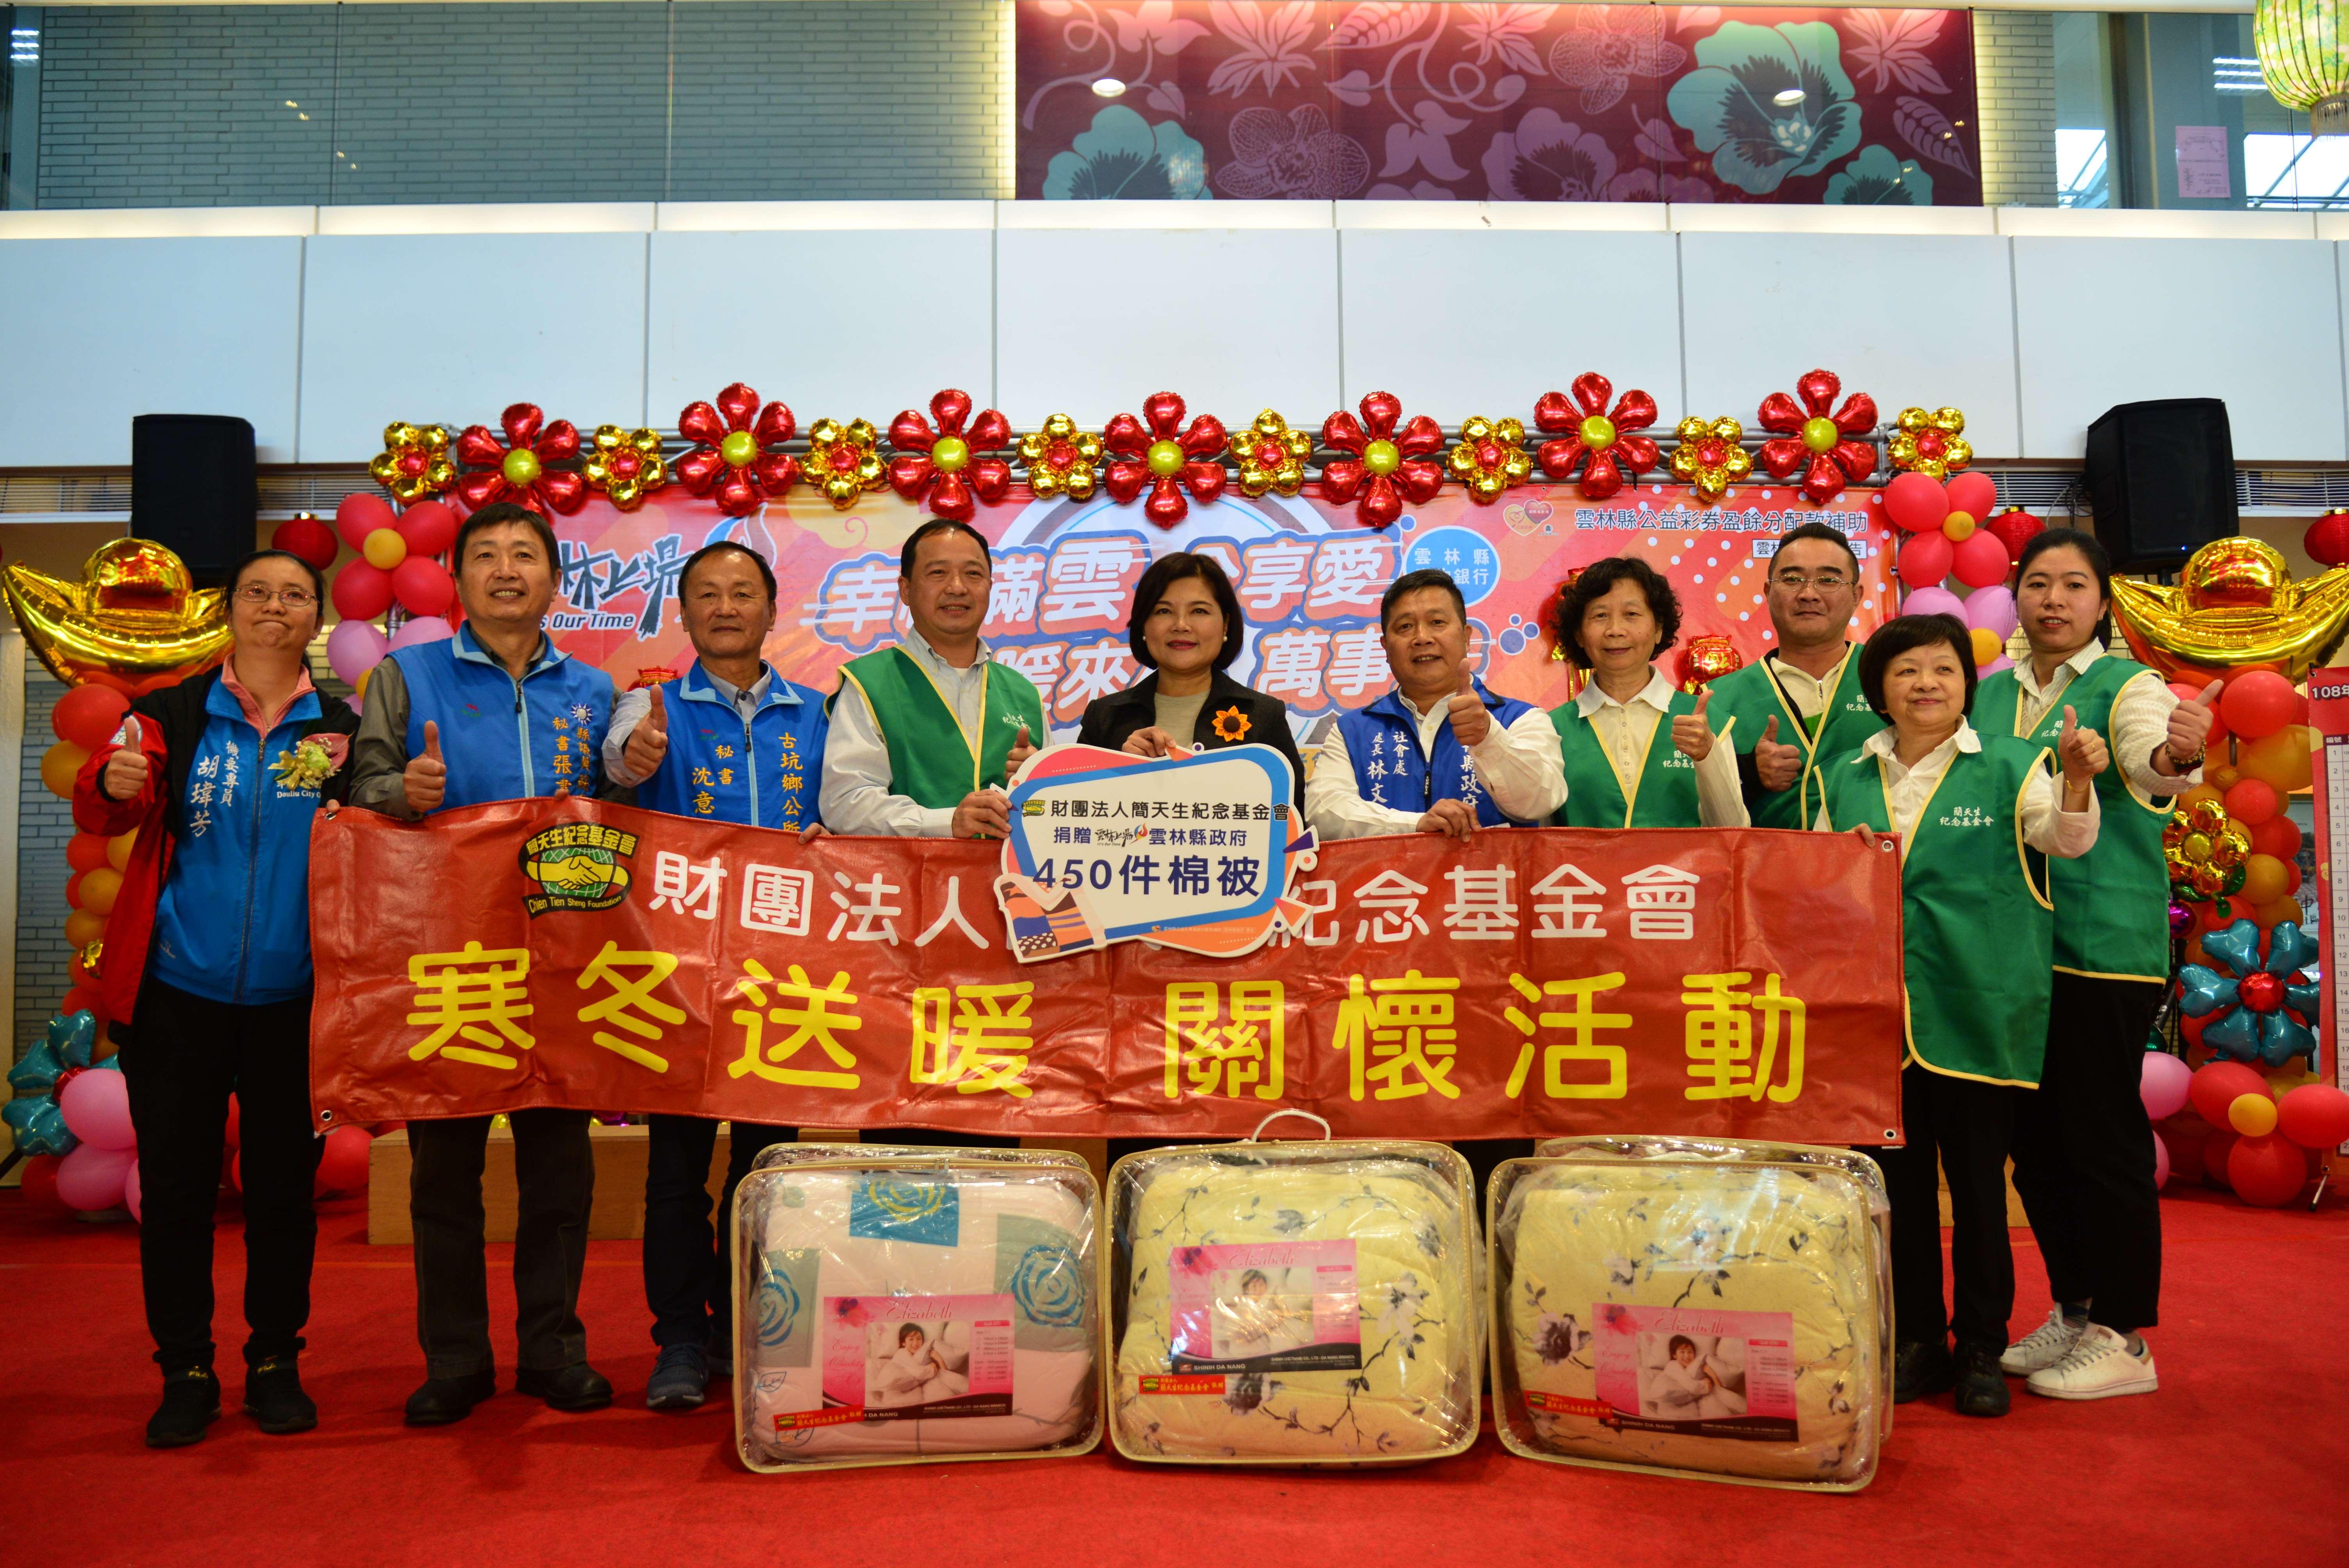 簡天生紀念基金會捐贈母公司新麗企業股份有限公司生產的優質棉被給縣府,透過實物銀行發送給弱勢家庭及街友。